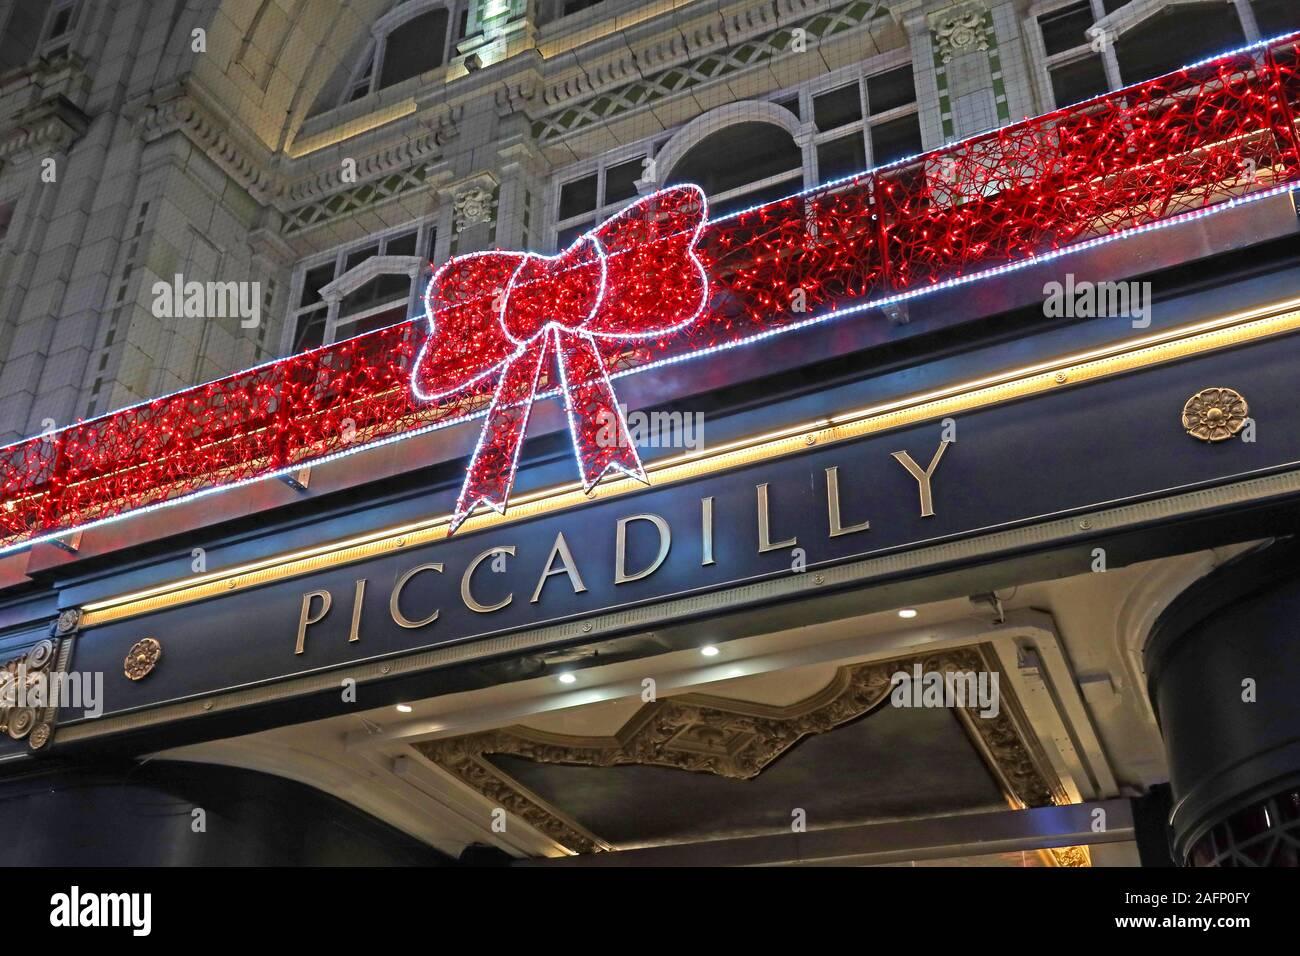 Dieses Stockfoto: Piccadilly Arcade, New Street, Birmingham, West Midlands, England, UK-Einzelhandelsgeschäfte zu Weihnachten - dekorativer Schleife - 2AFP0F